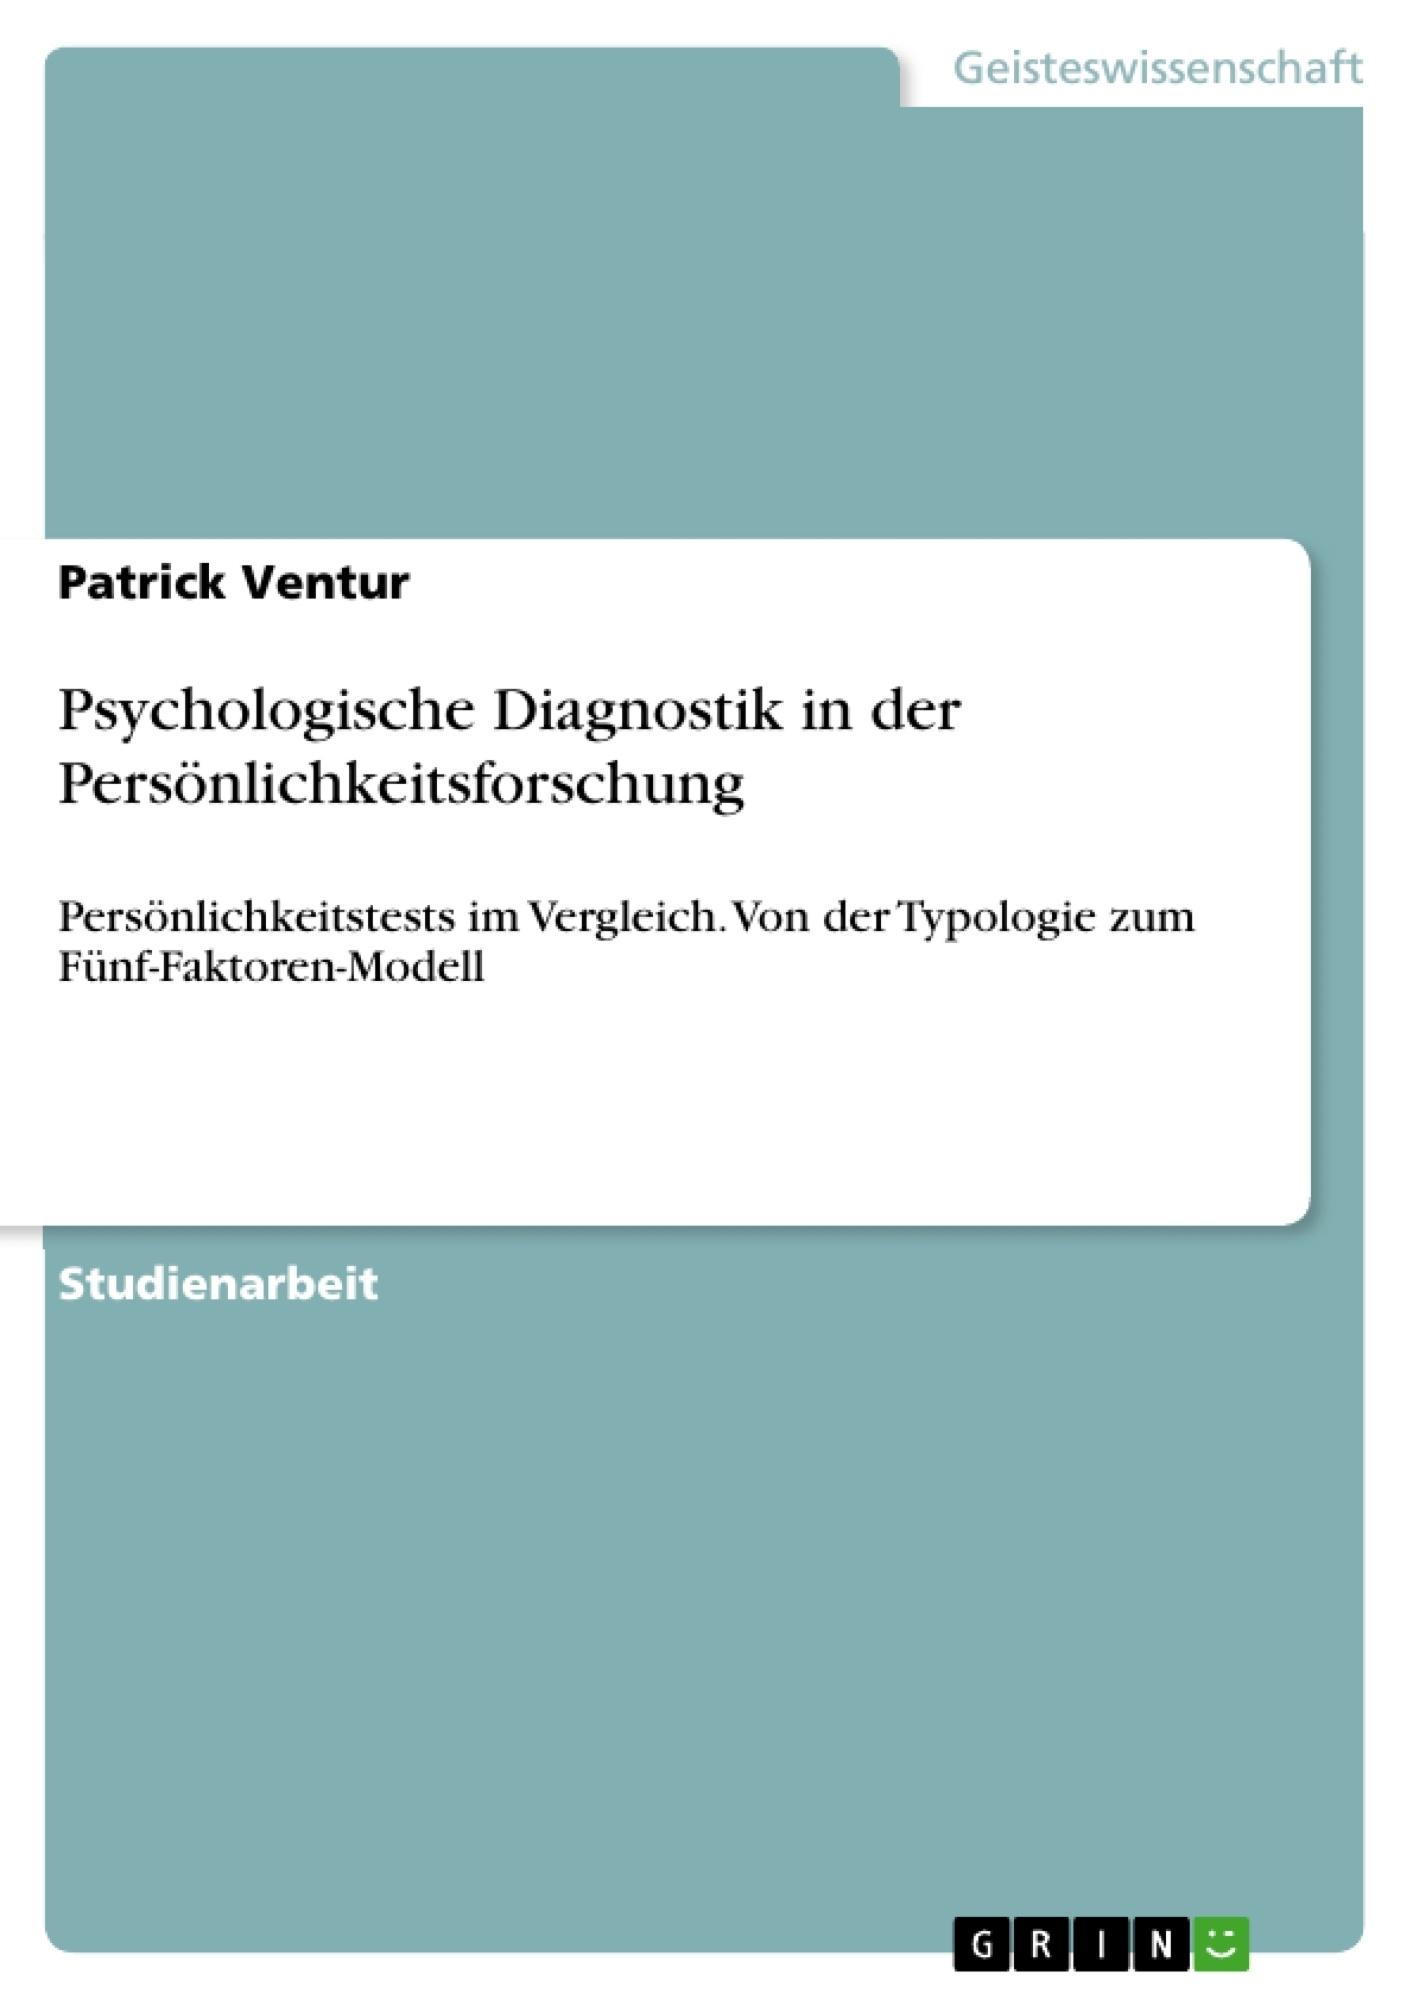 Titel: Psychologische Diagnostik in der Persönlichkeitsforschung